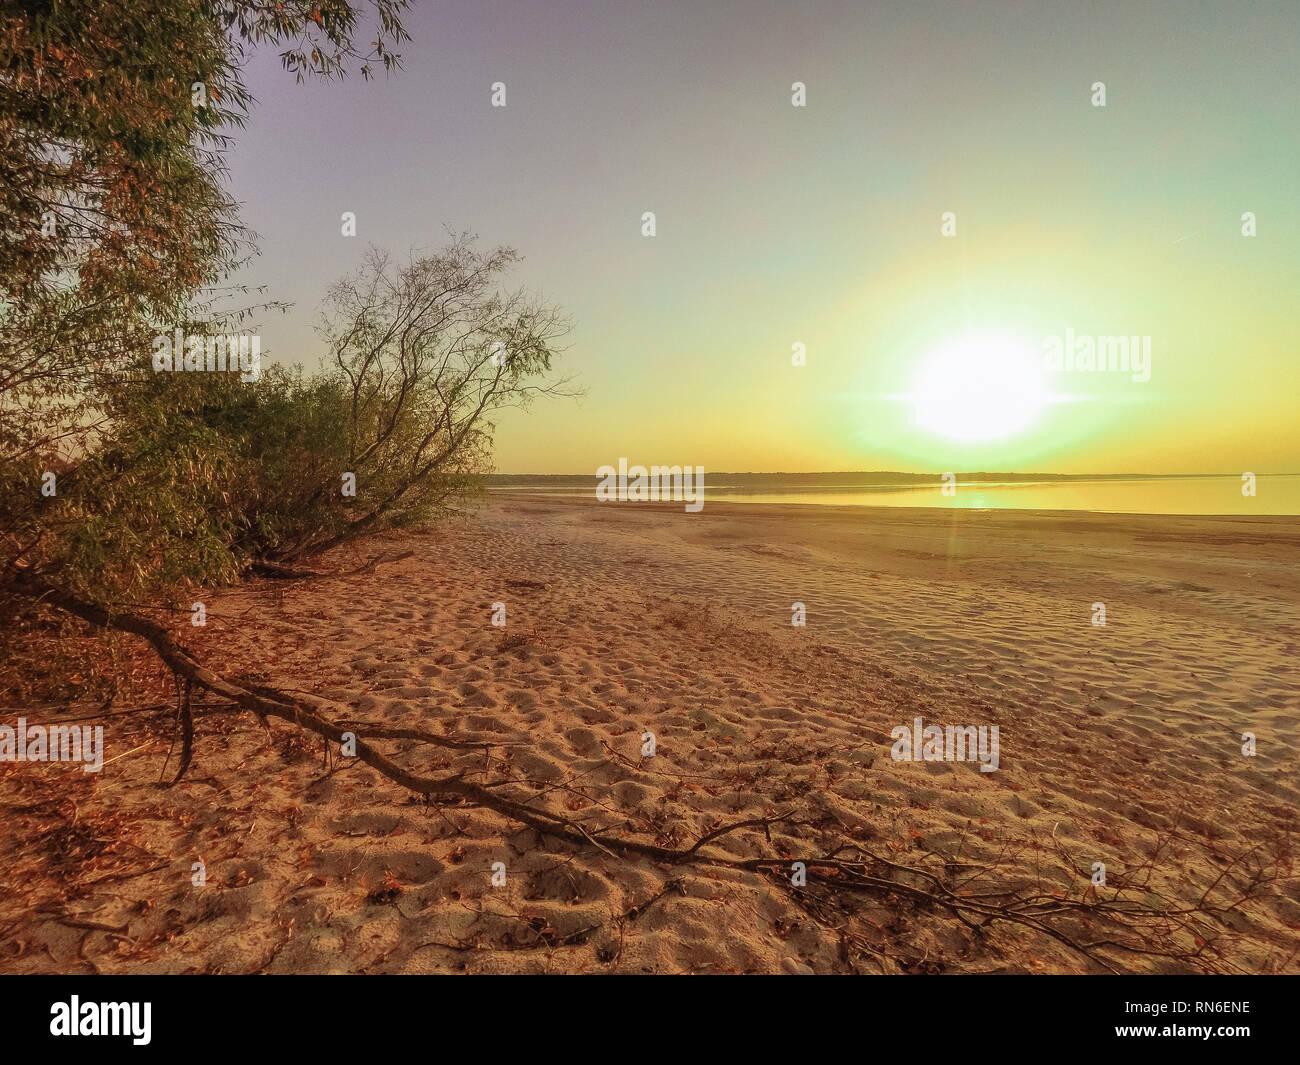 Incroyable sur la mer au coucher du soleil paysage close-up Banque D'Images